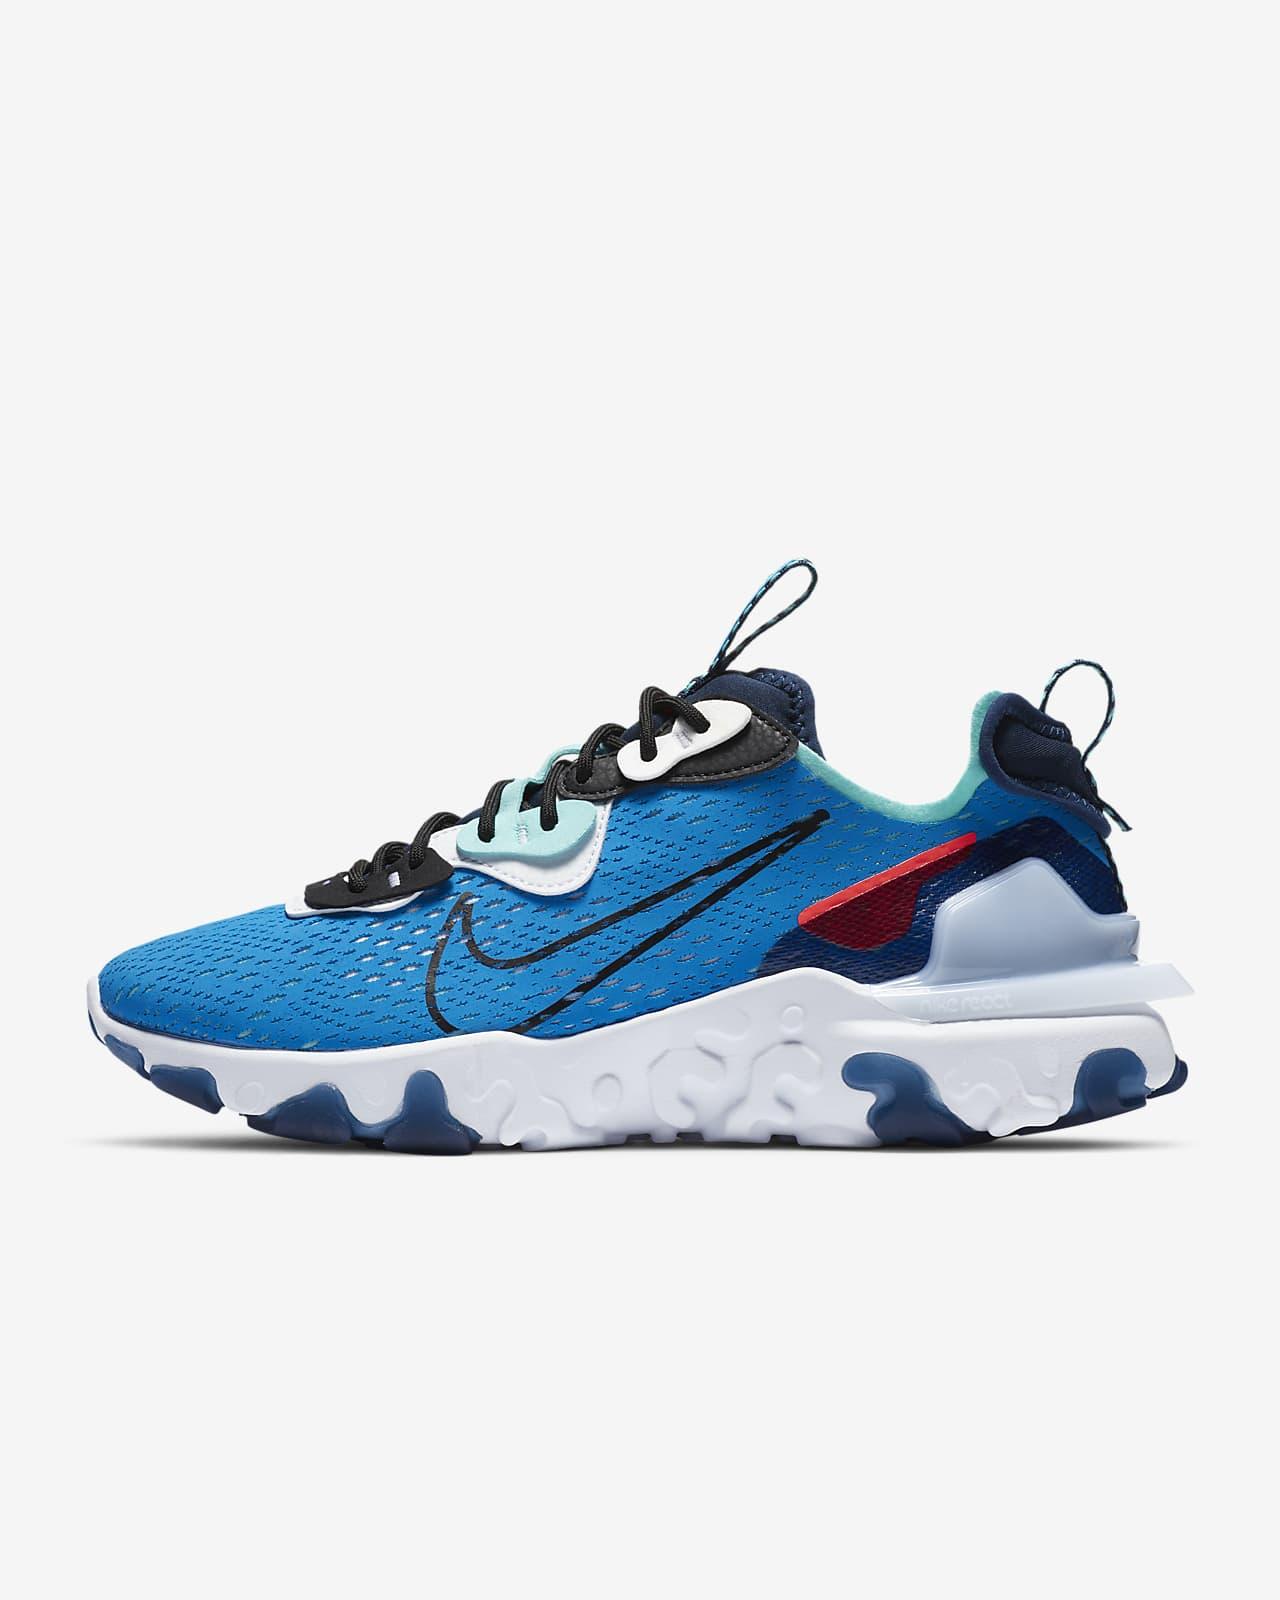 nike zapatos azul